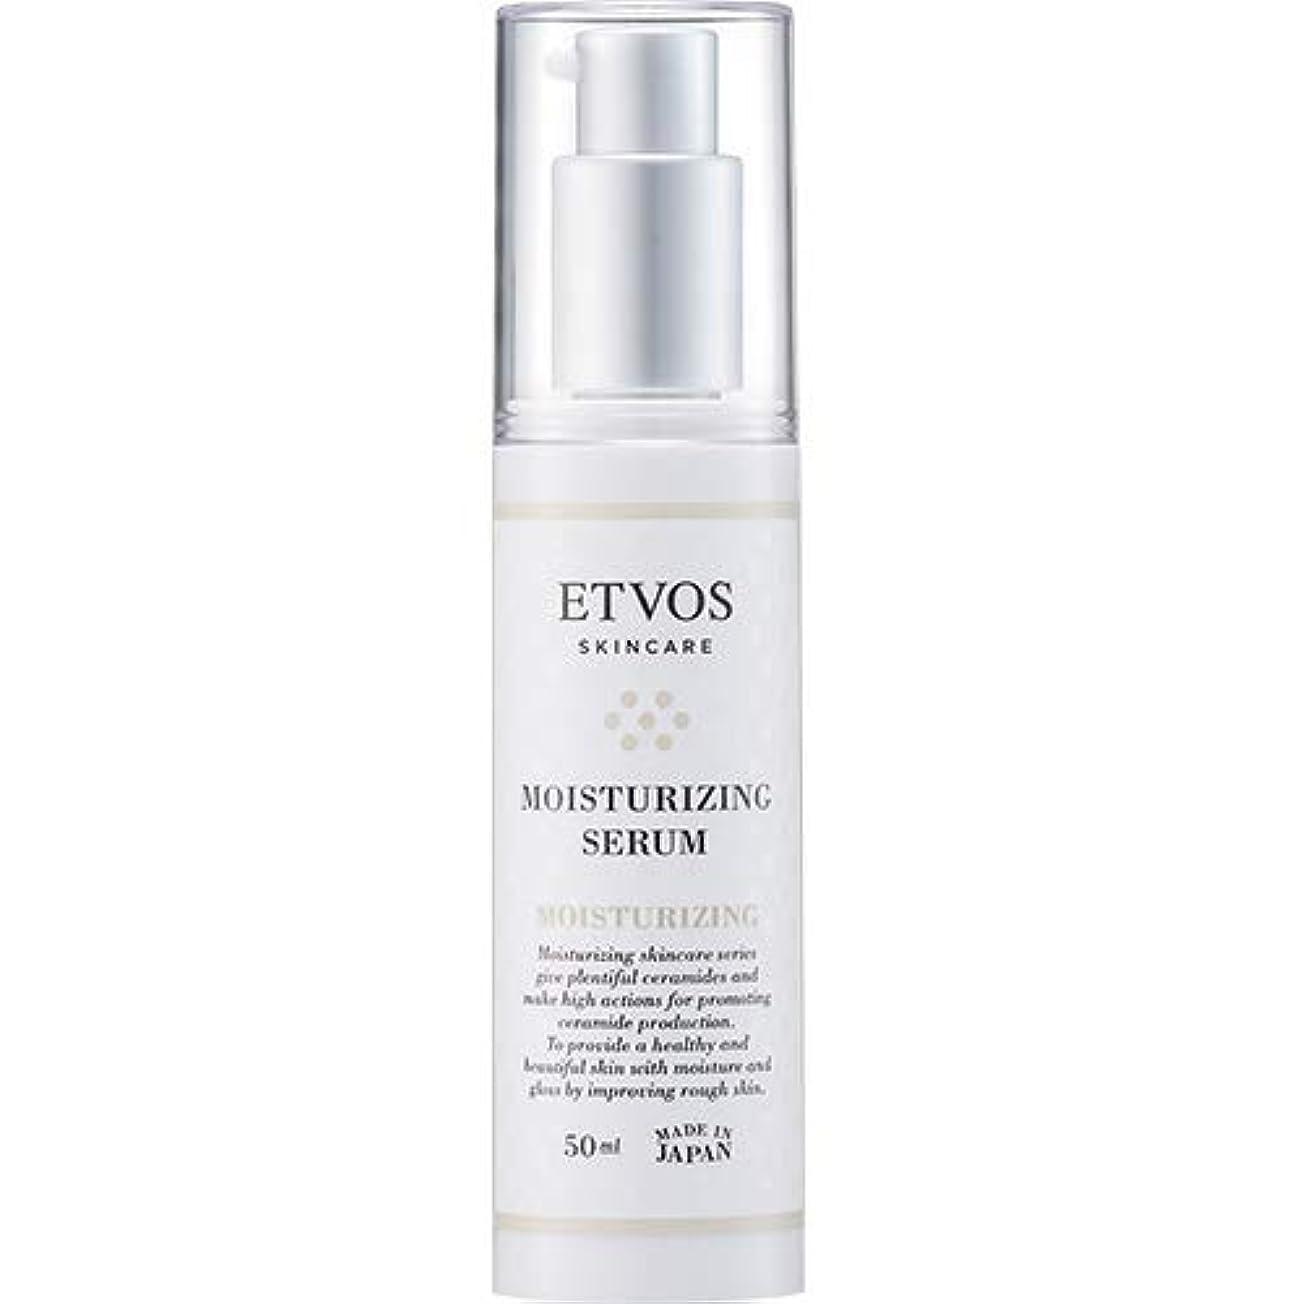 にはまってマント日付付きETVOS(エトヴォス) 保湿美容液 モイスチャライジングセラム 50ml ヒト型セラミド配合 乾燥肌/敏感肌 乳液